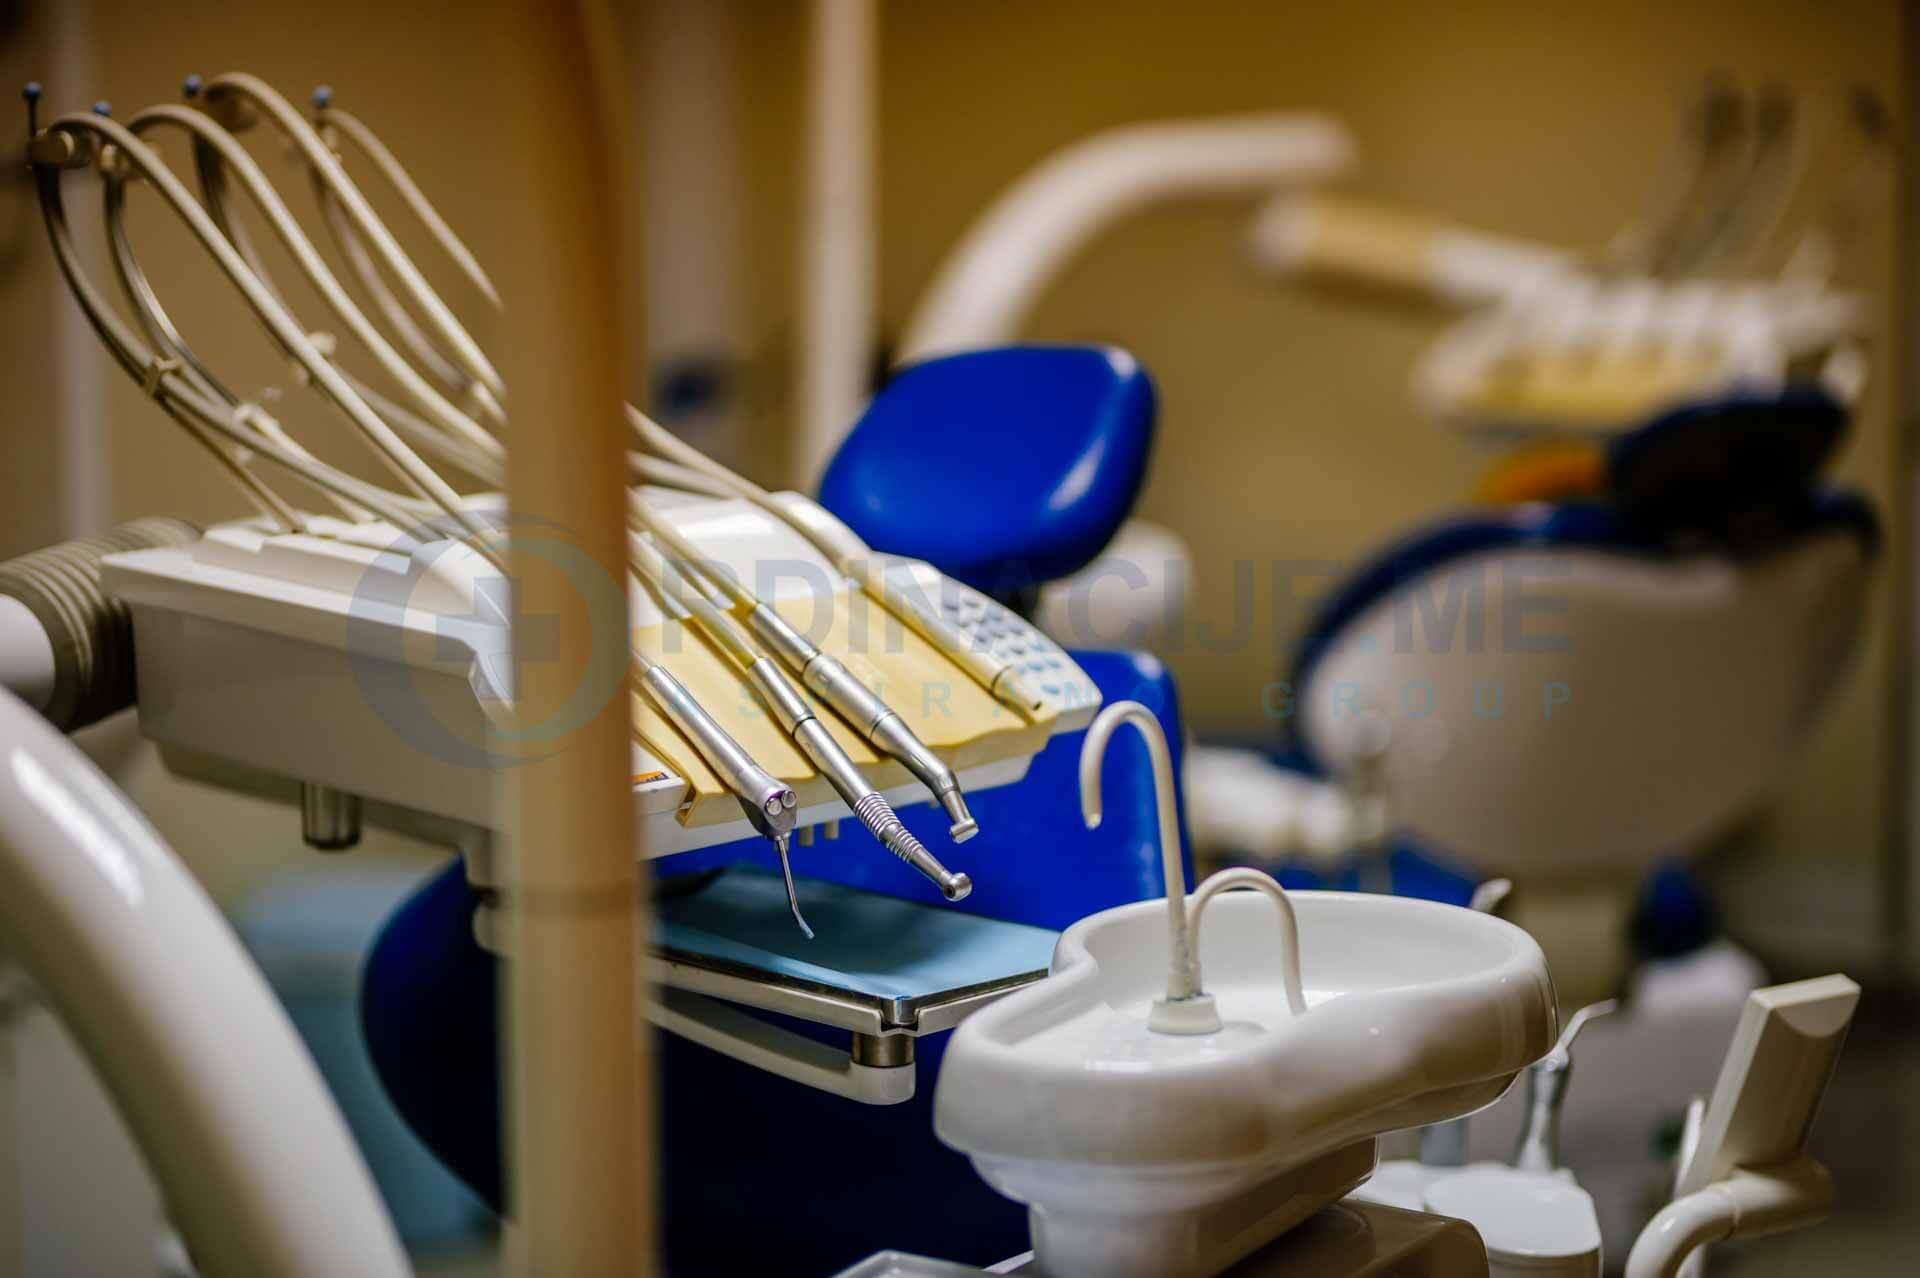 stomatoloska-ordinacija-vane_thumbnail